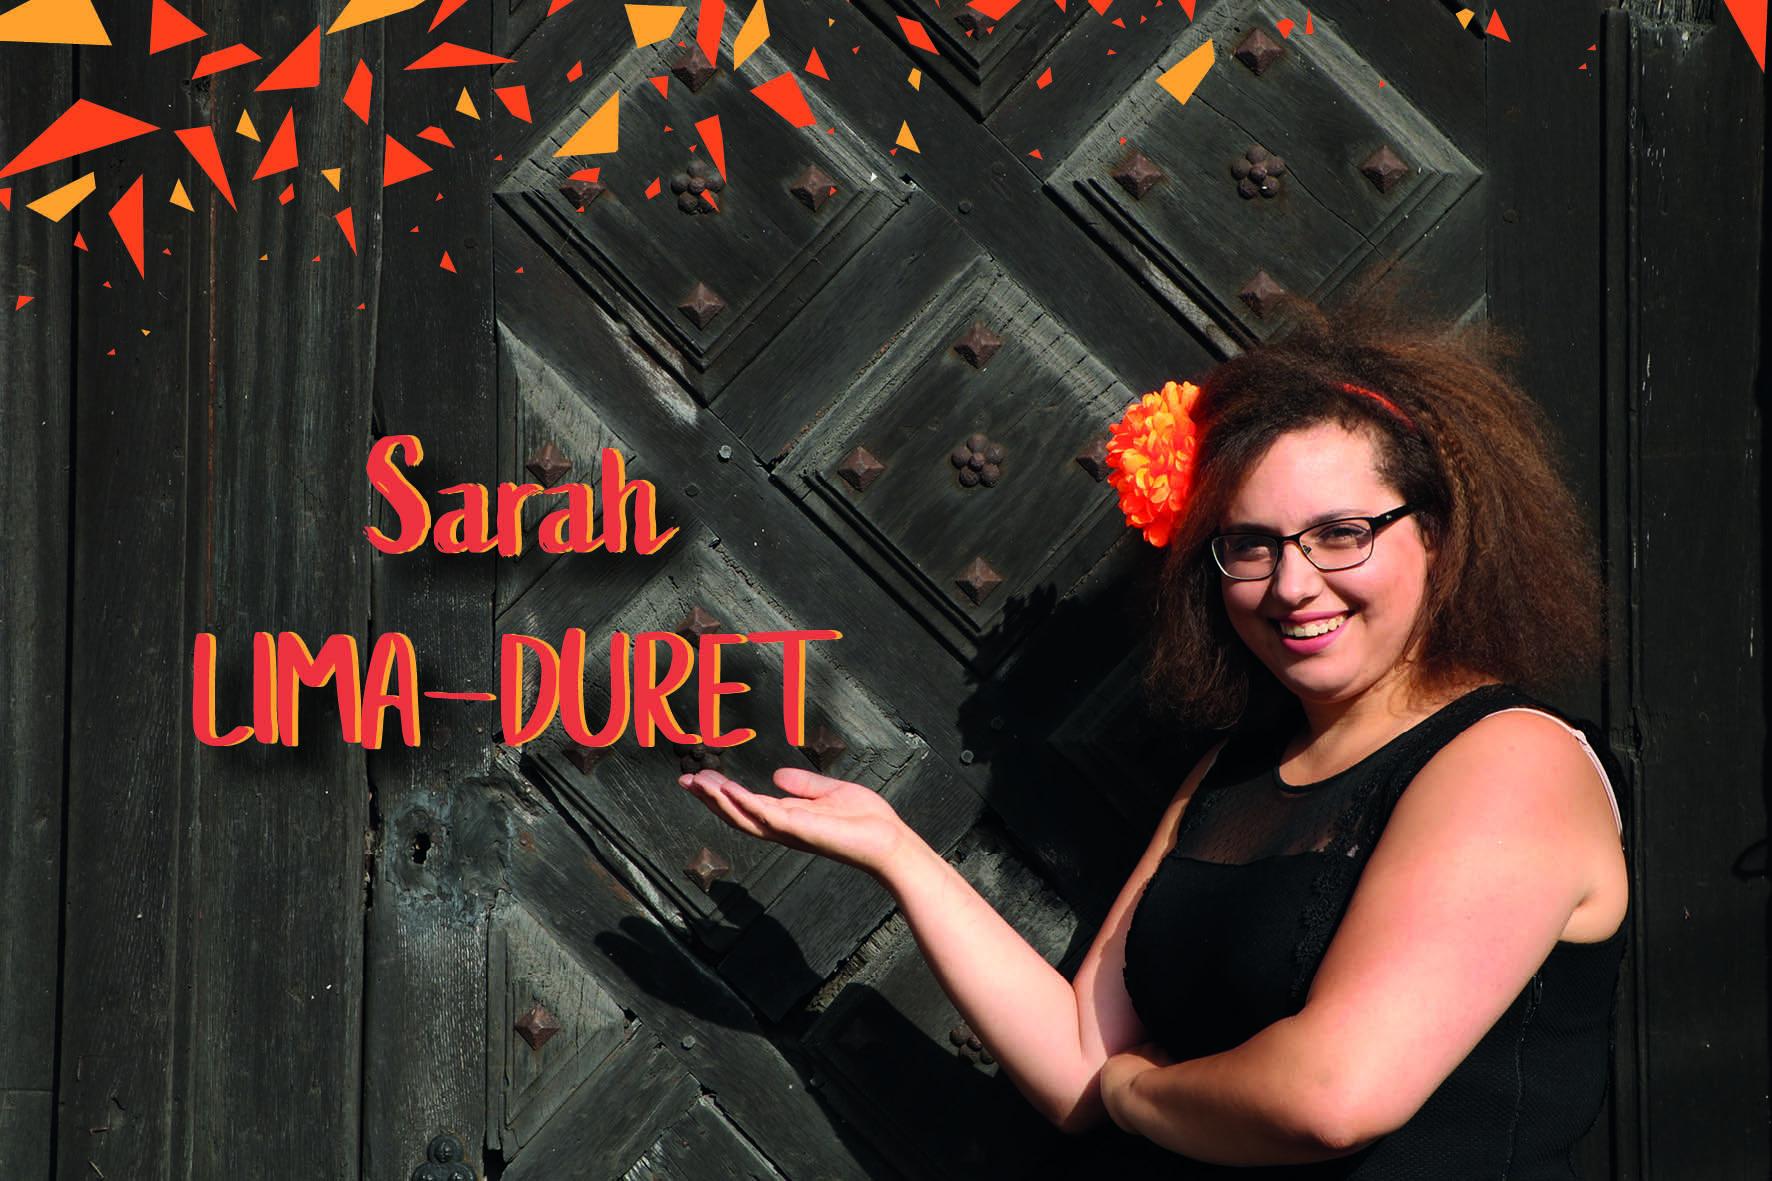 Sarah Lima-Duret